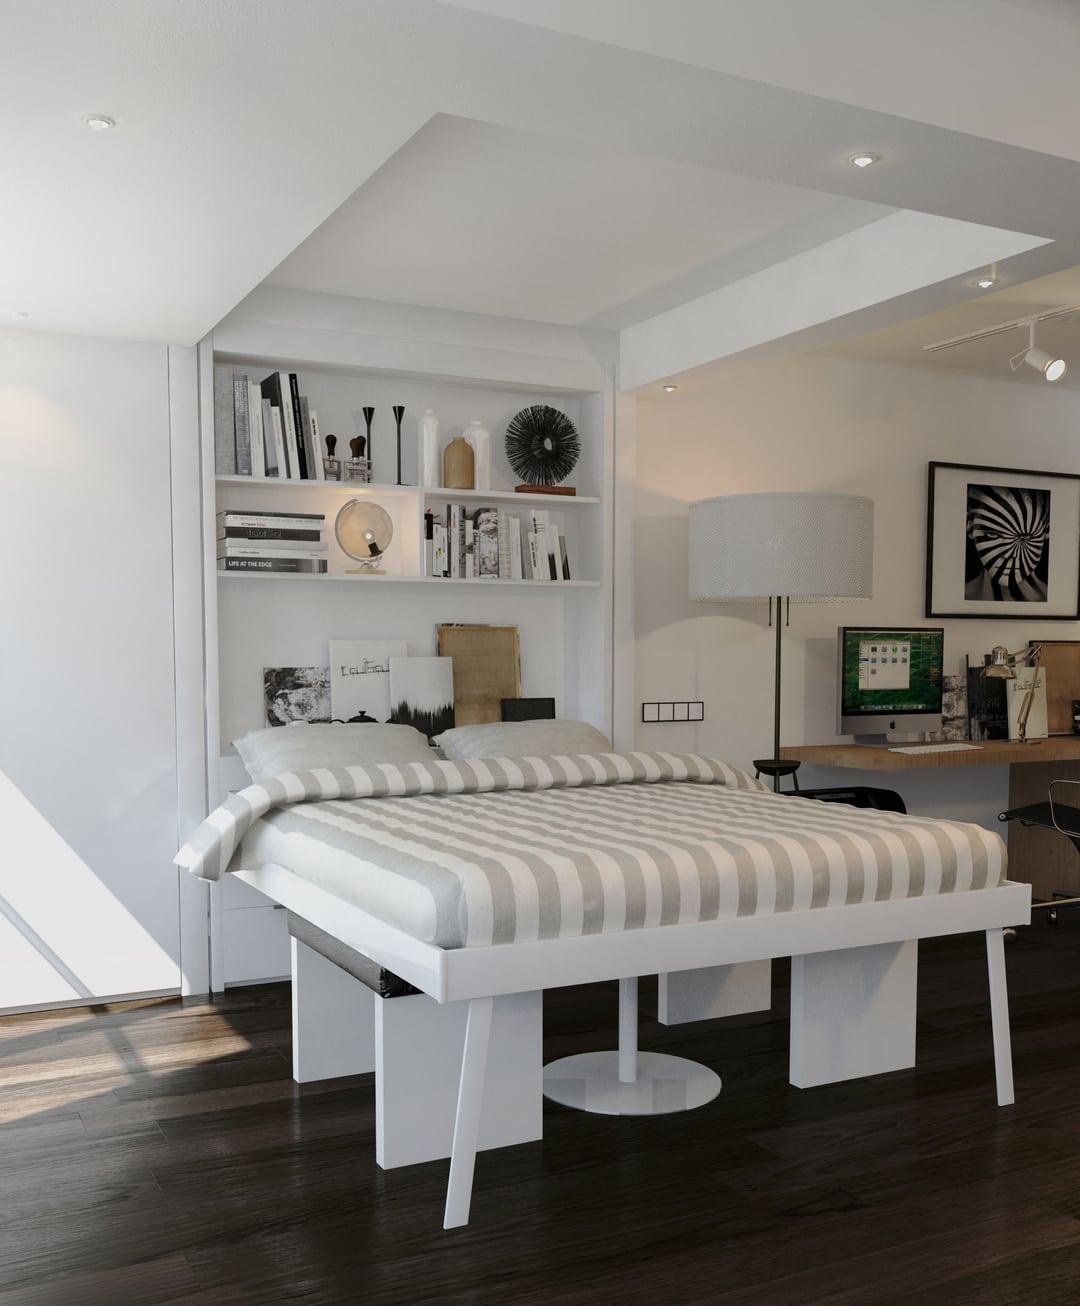 muebles multifuncionales. Tu lecho al techo. Camas abatibles al techo.